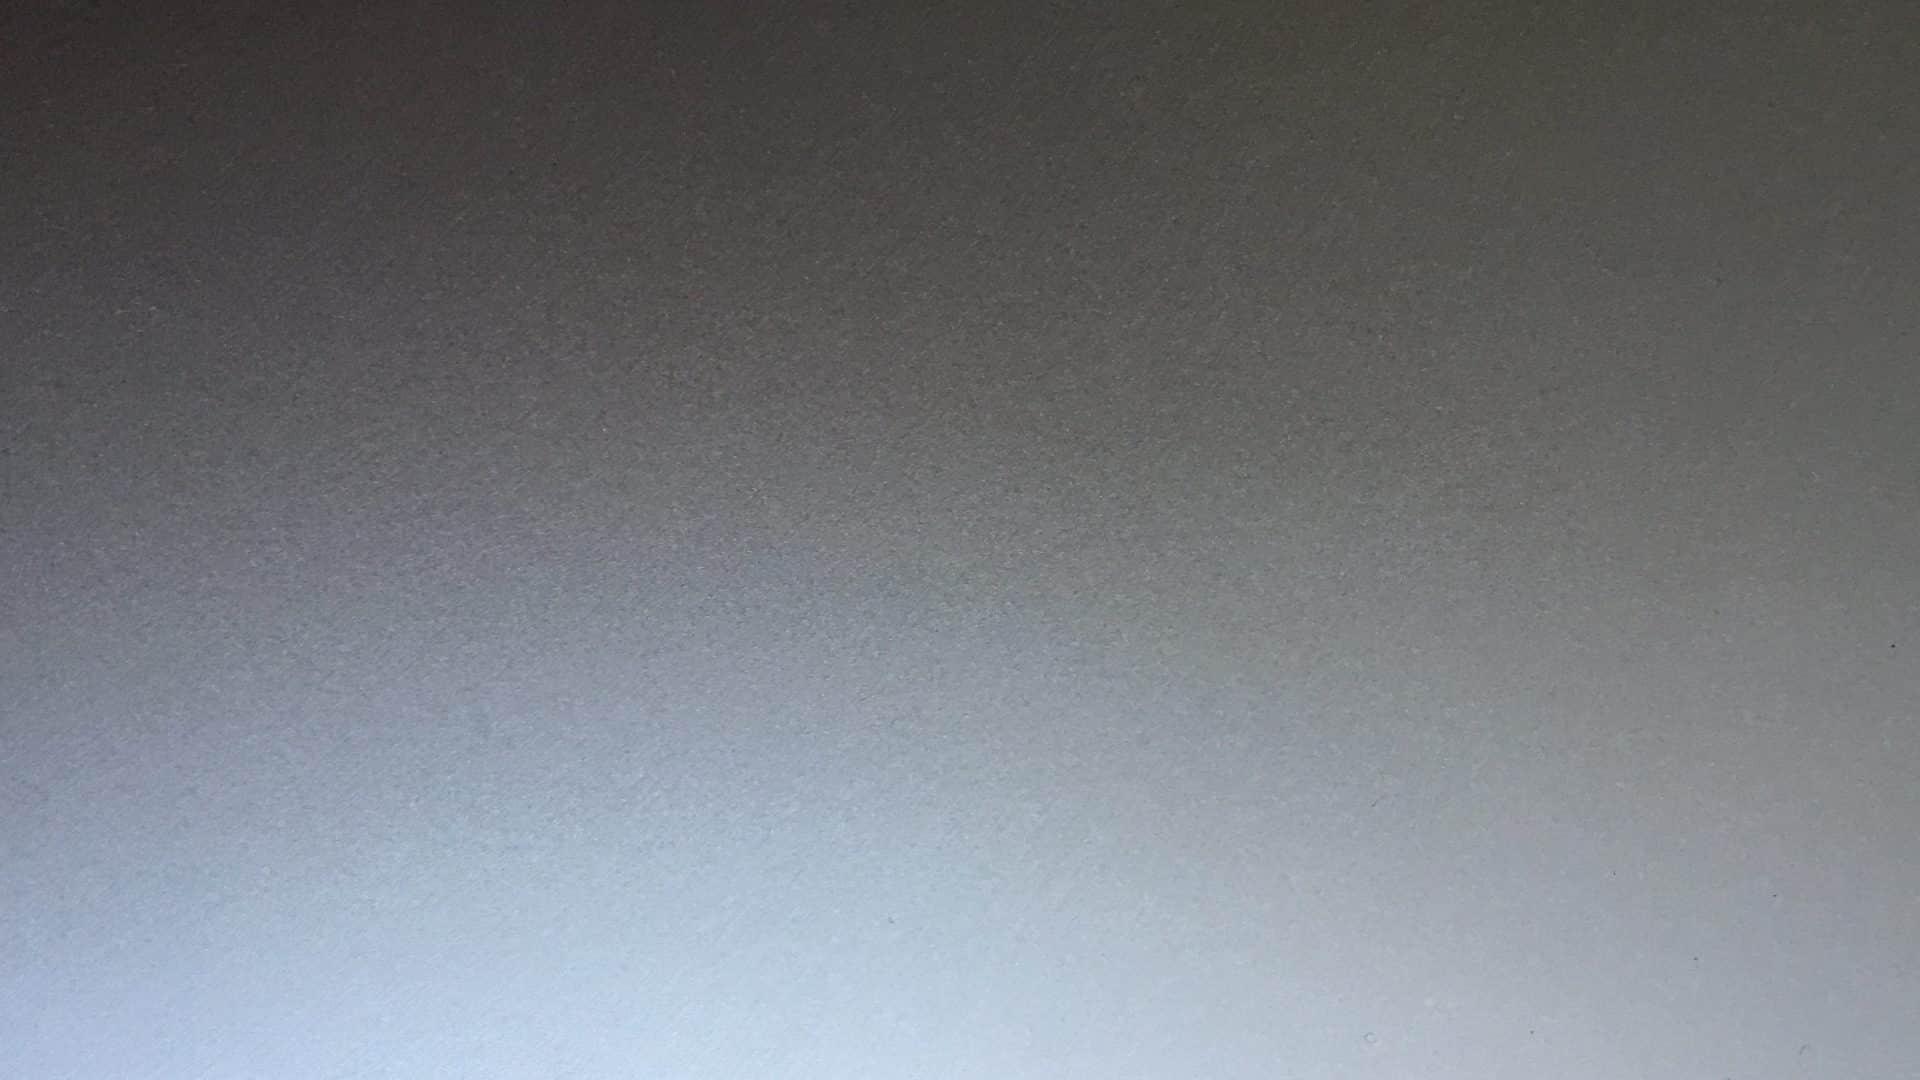 Możliwości kolorystyczne donic aluminiowych na kółkach